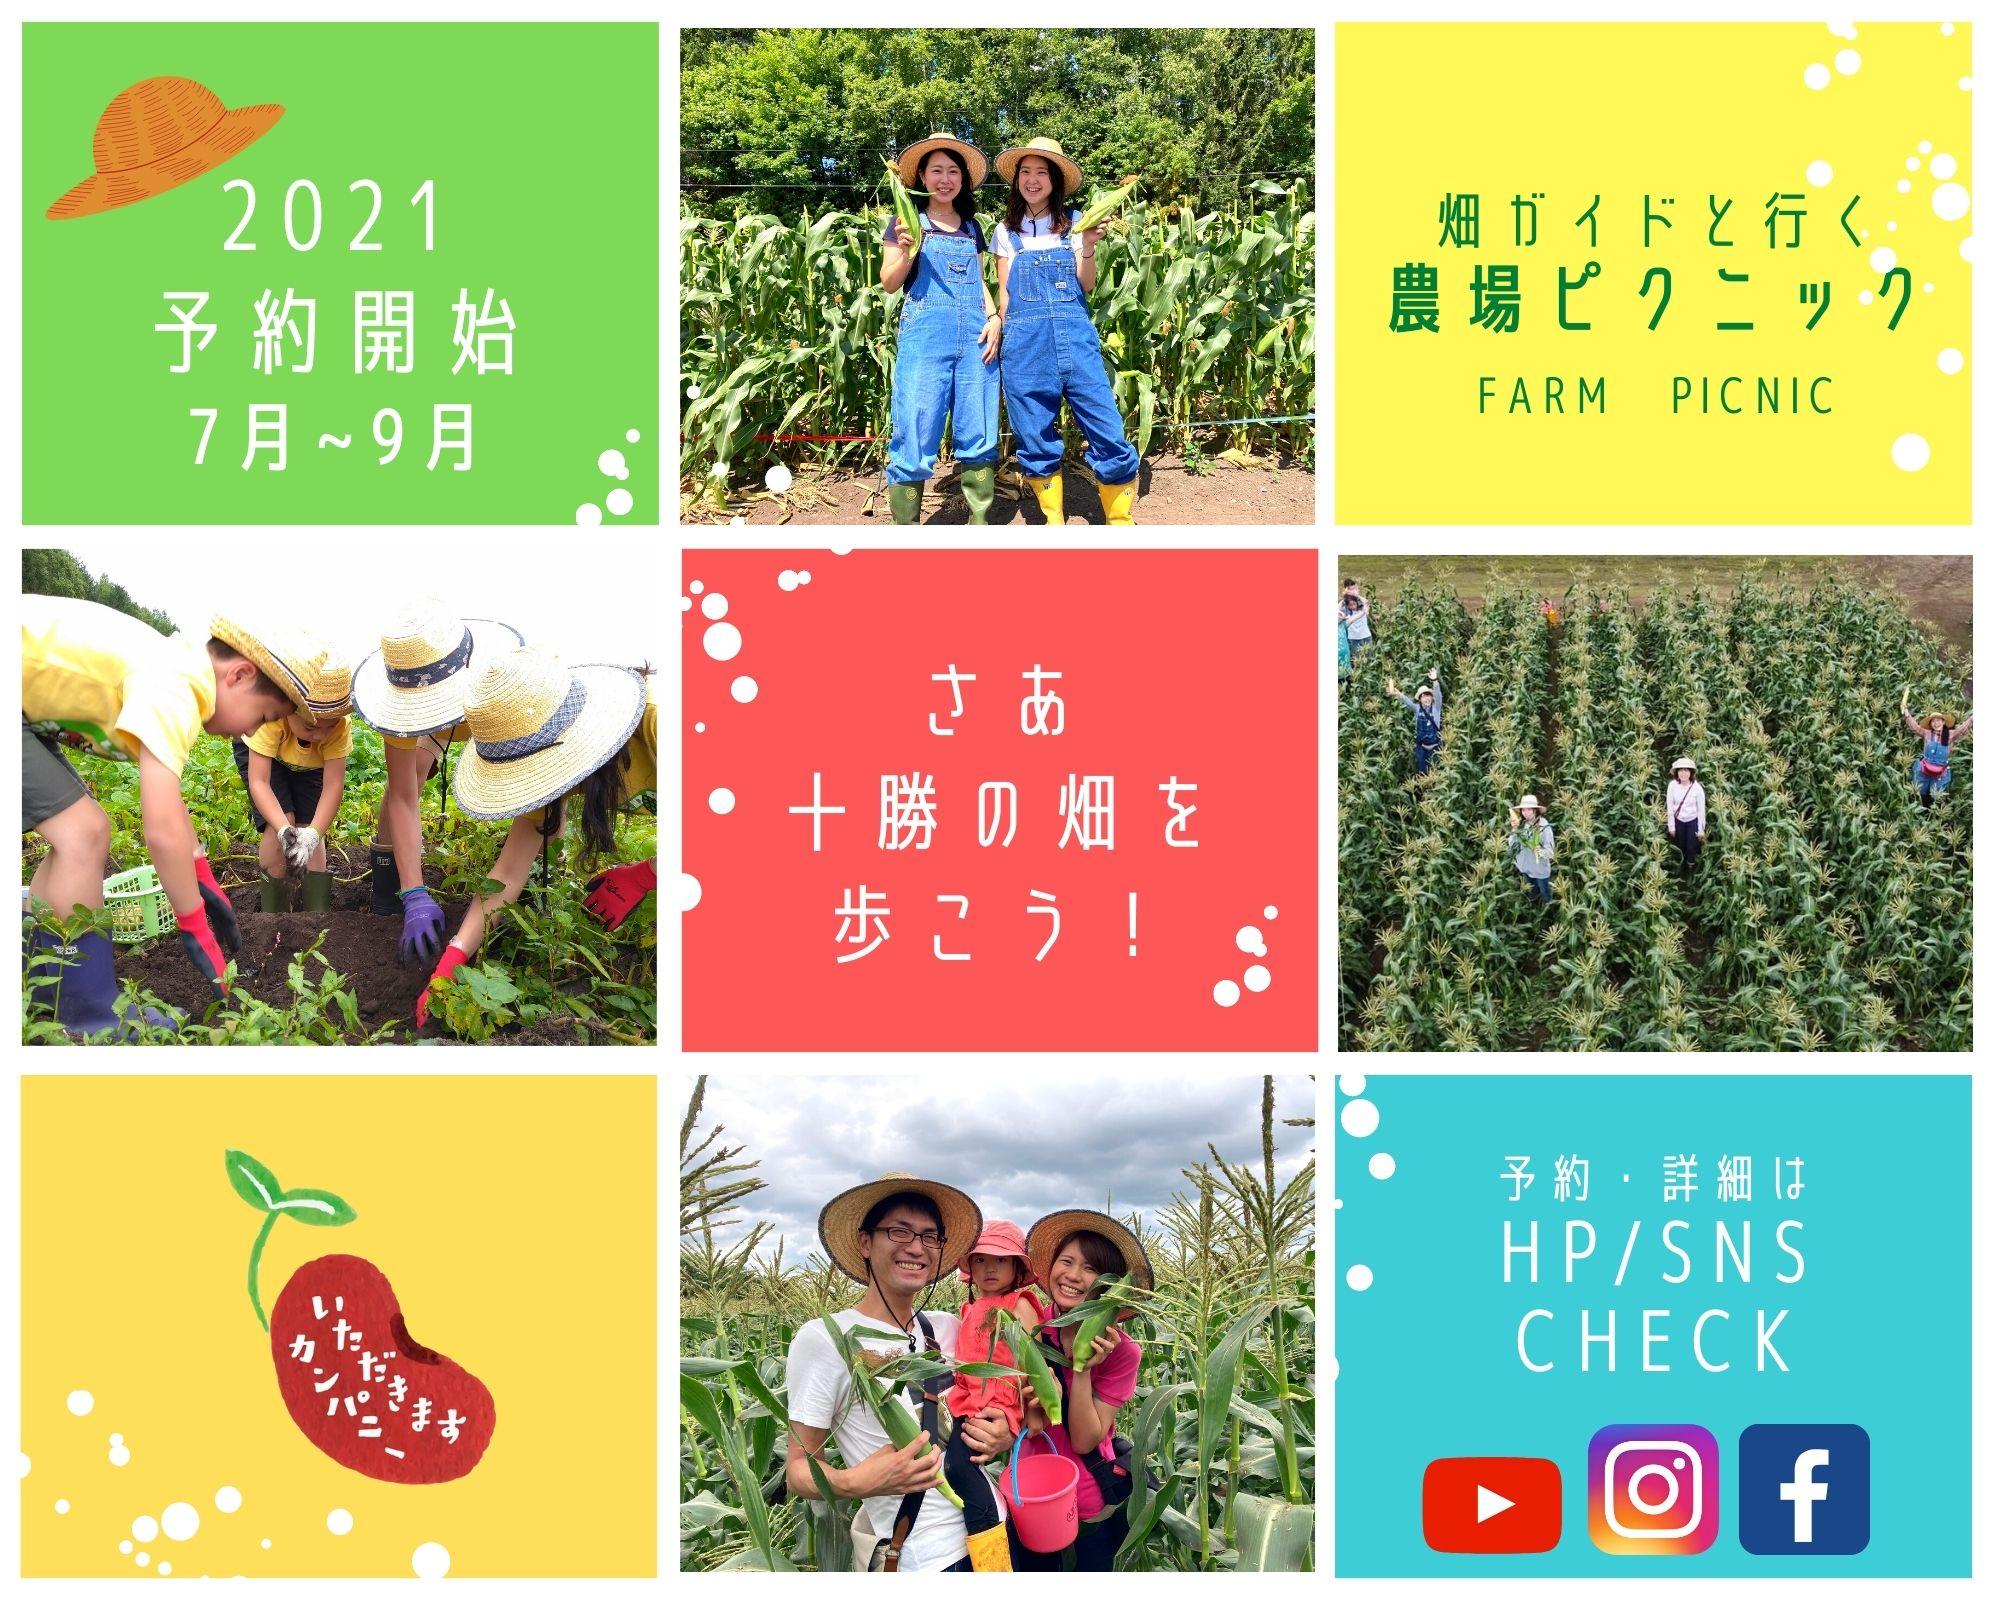 2021年畑ガイドと行く農場ピクニック予約開始!